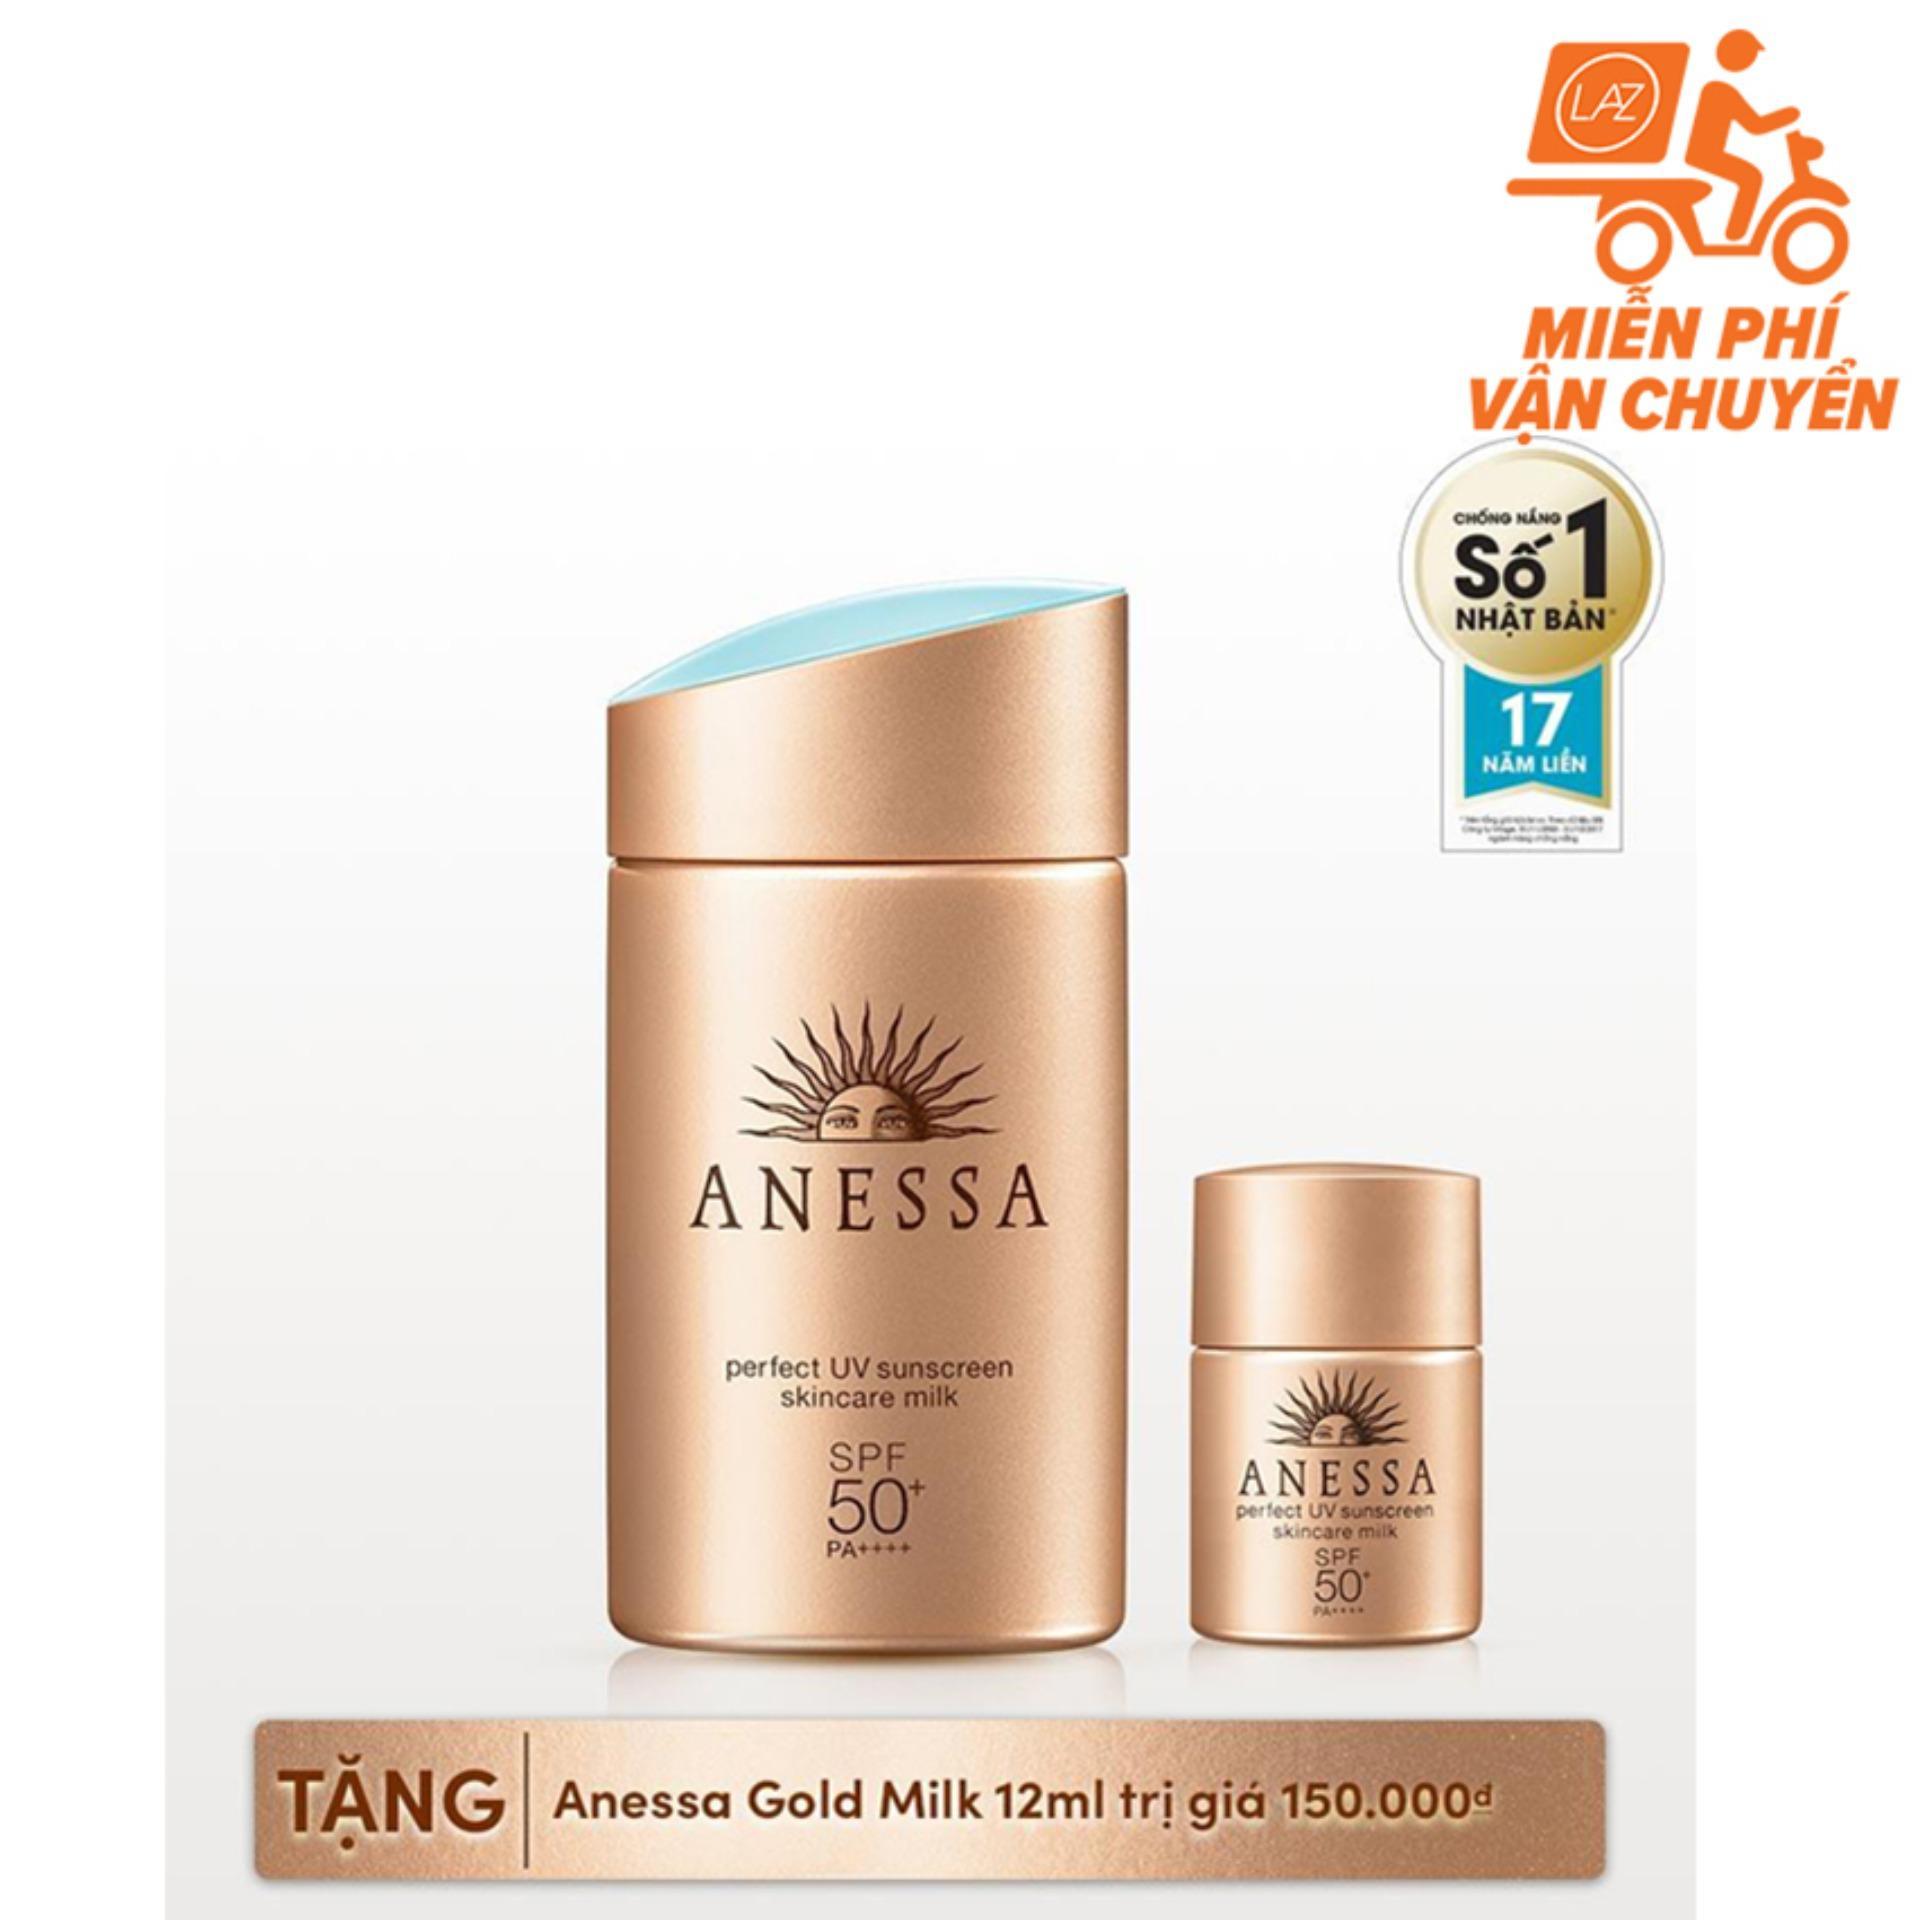 Bán Sữa Chống Nắng Bảo Vệ Hoan Hảo Anessa Perfect Uv Sunscreen Skincare Milk Spf 50 Pa 60Ml Tặng Gold Milk 12Ml Trị Gia 150 000